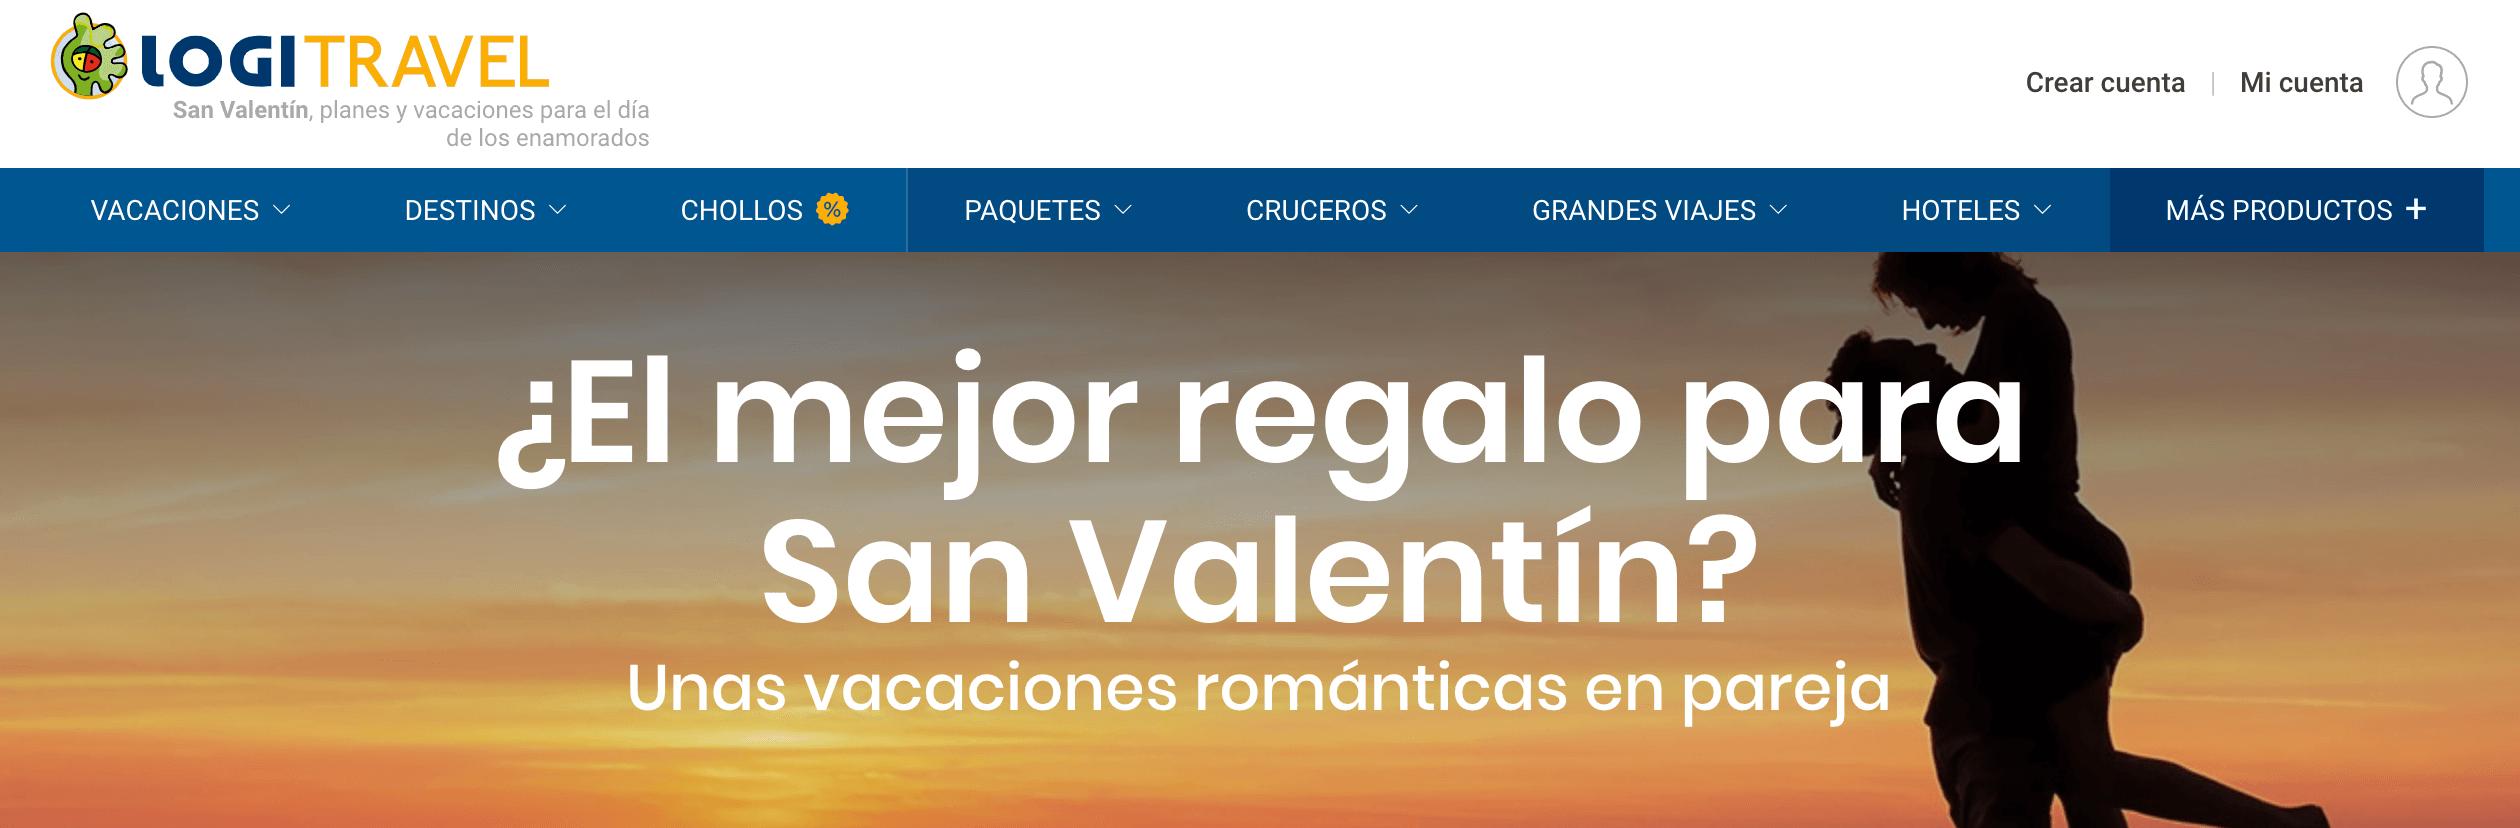 cambio de portada web por San Valentín